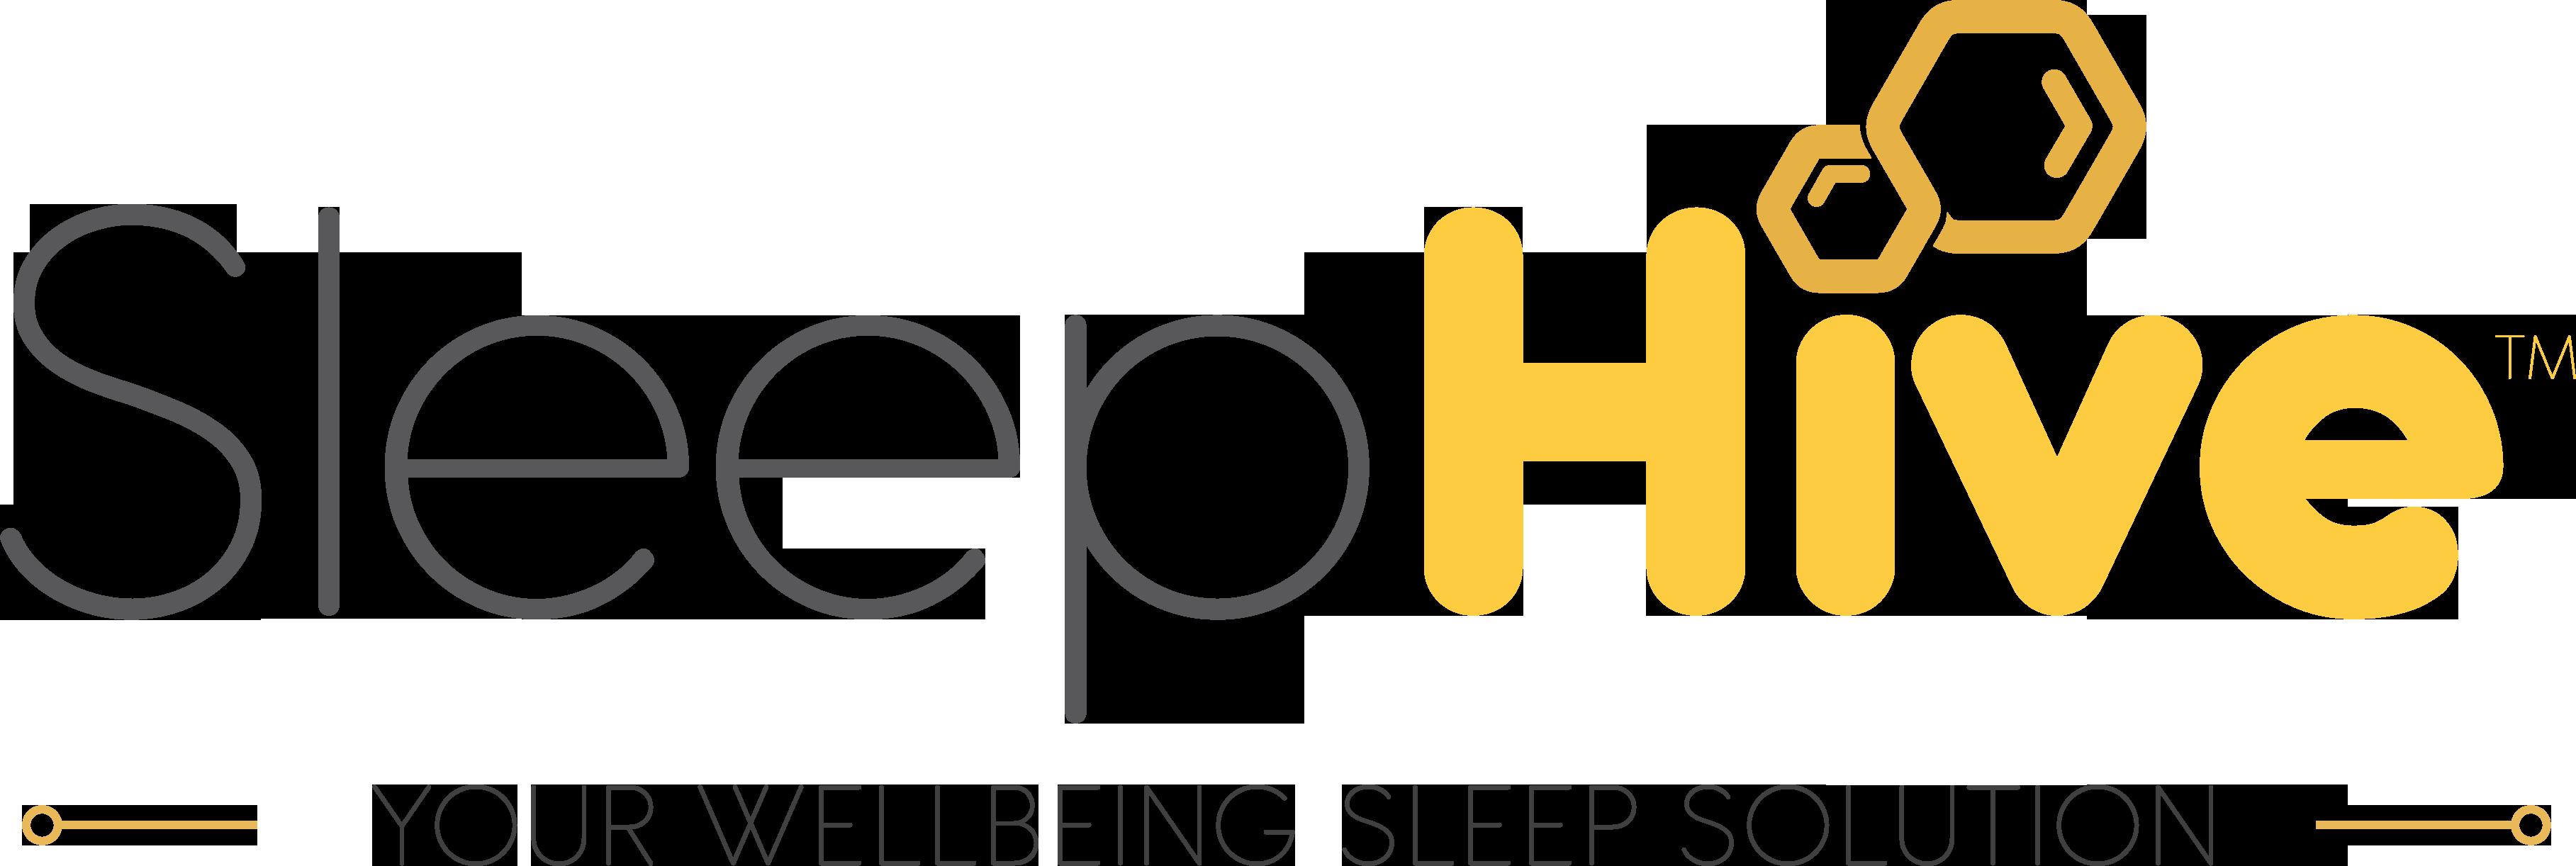 Sleep Hive